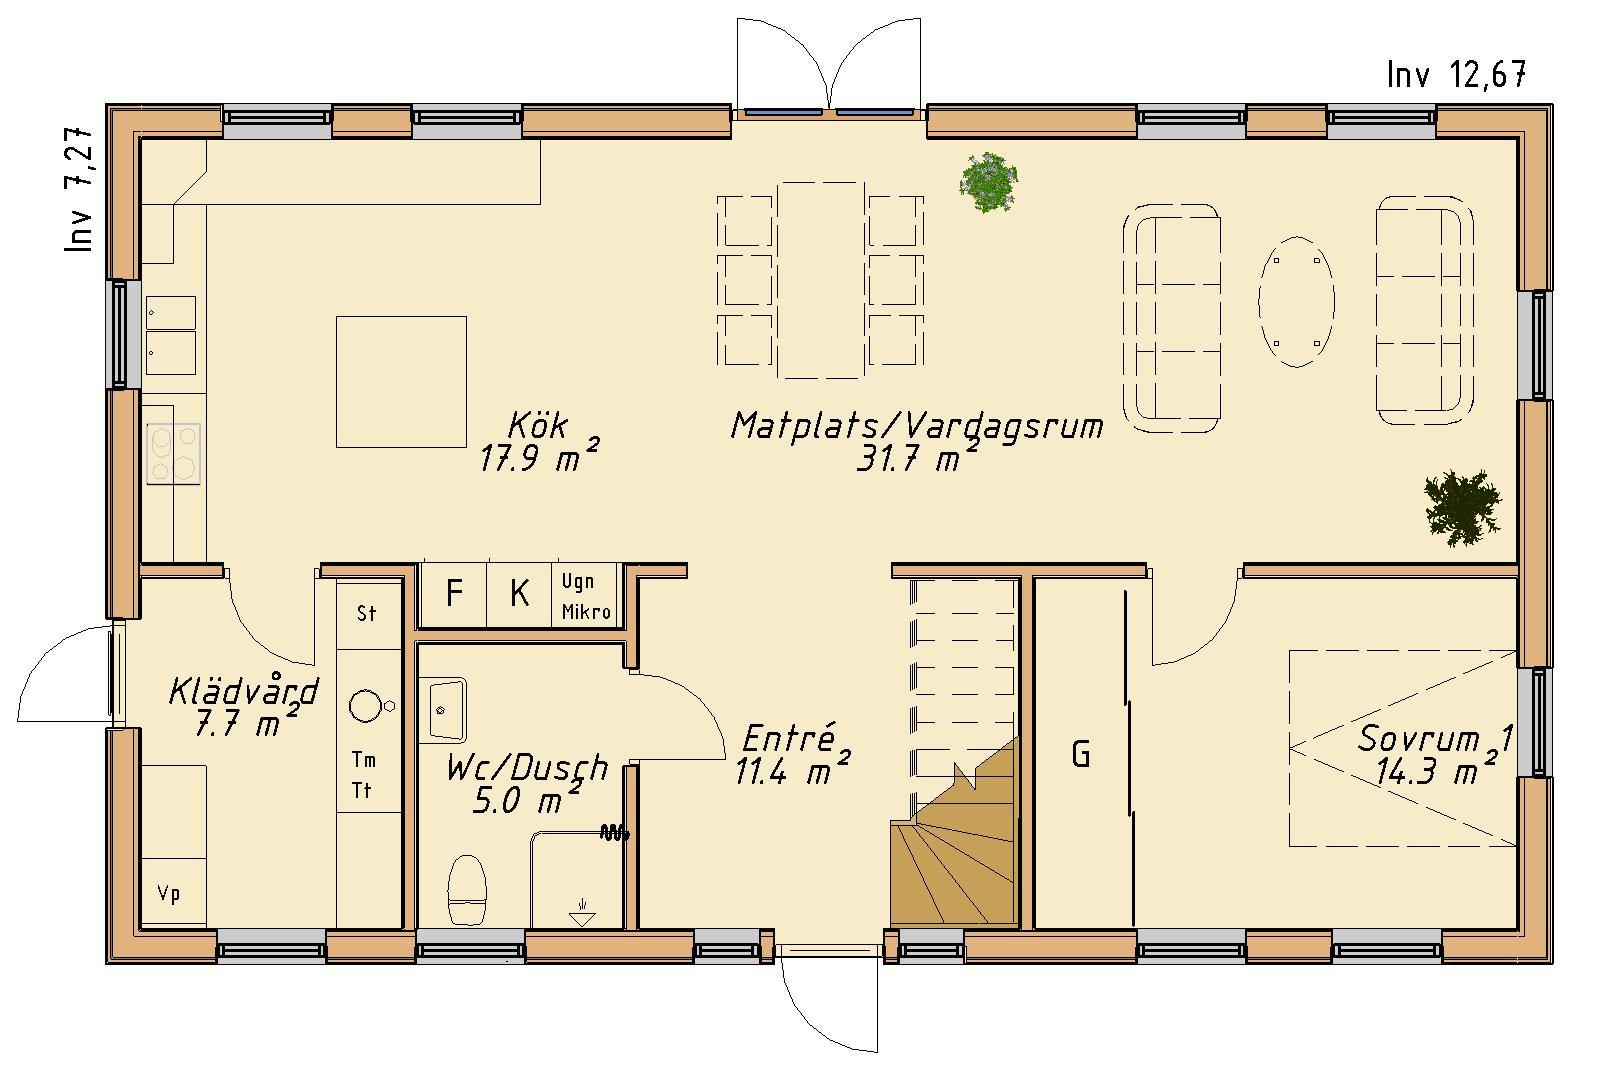 planlosningsbild 1 av MAGLARP